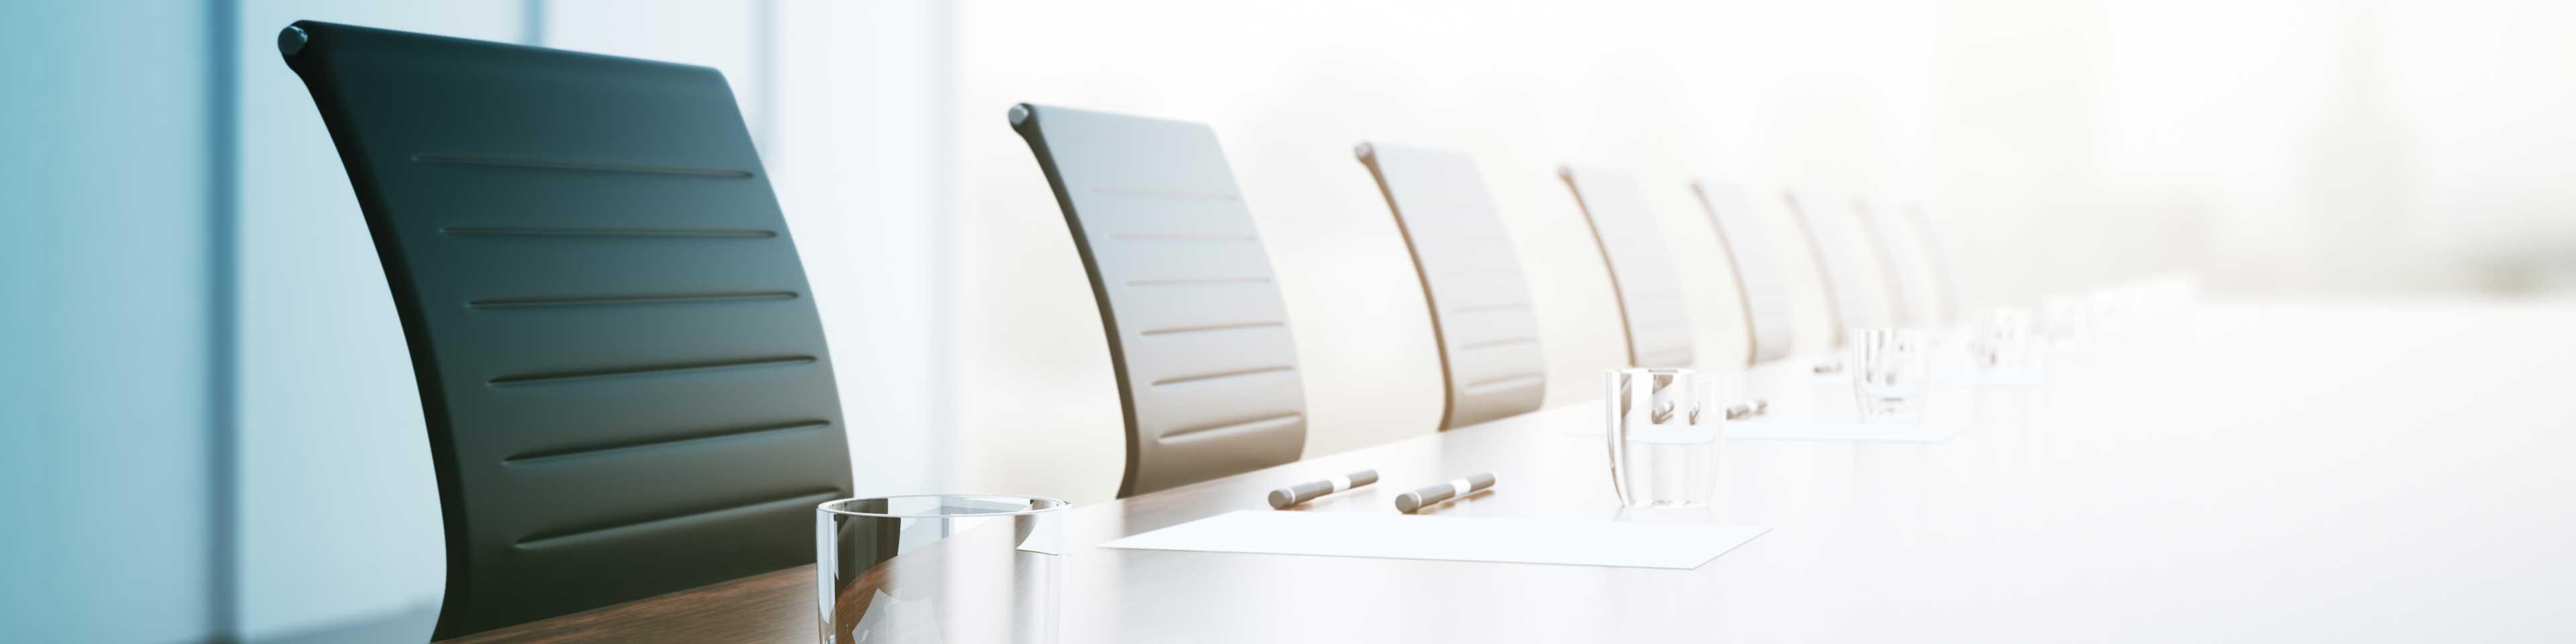 Les cinq risques juridiques les plus courants pouvant affecter votre entreprise